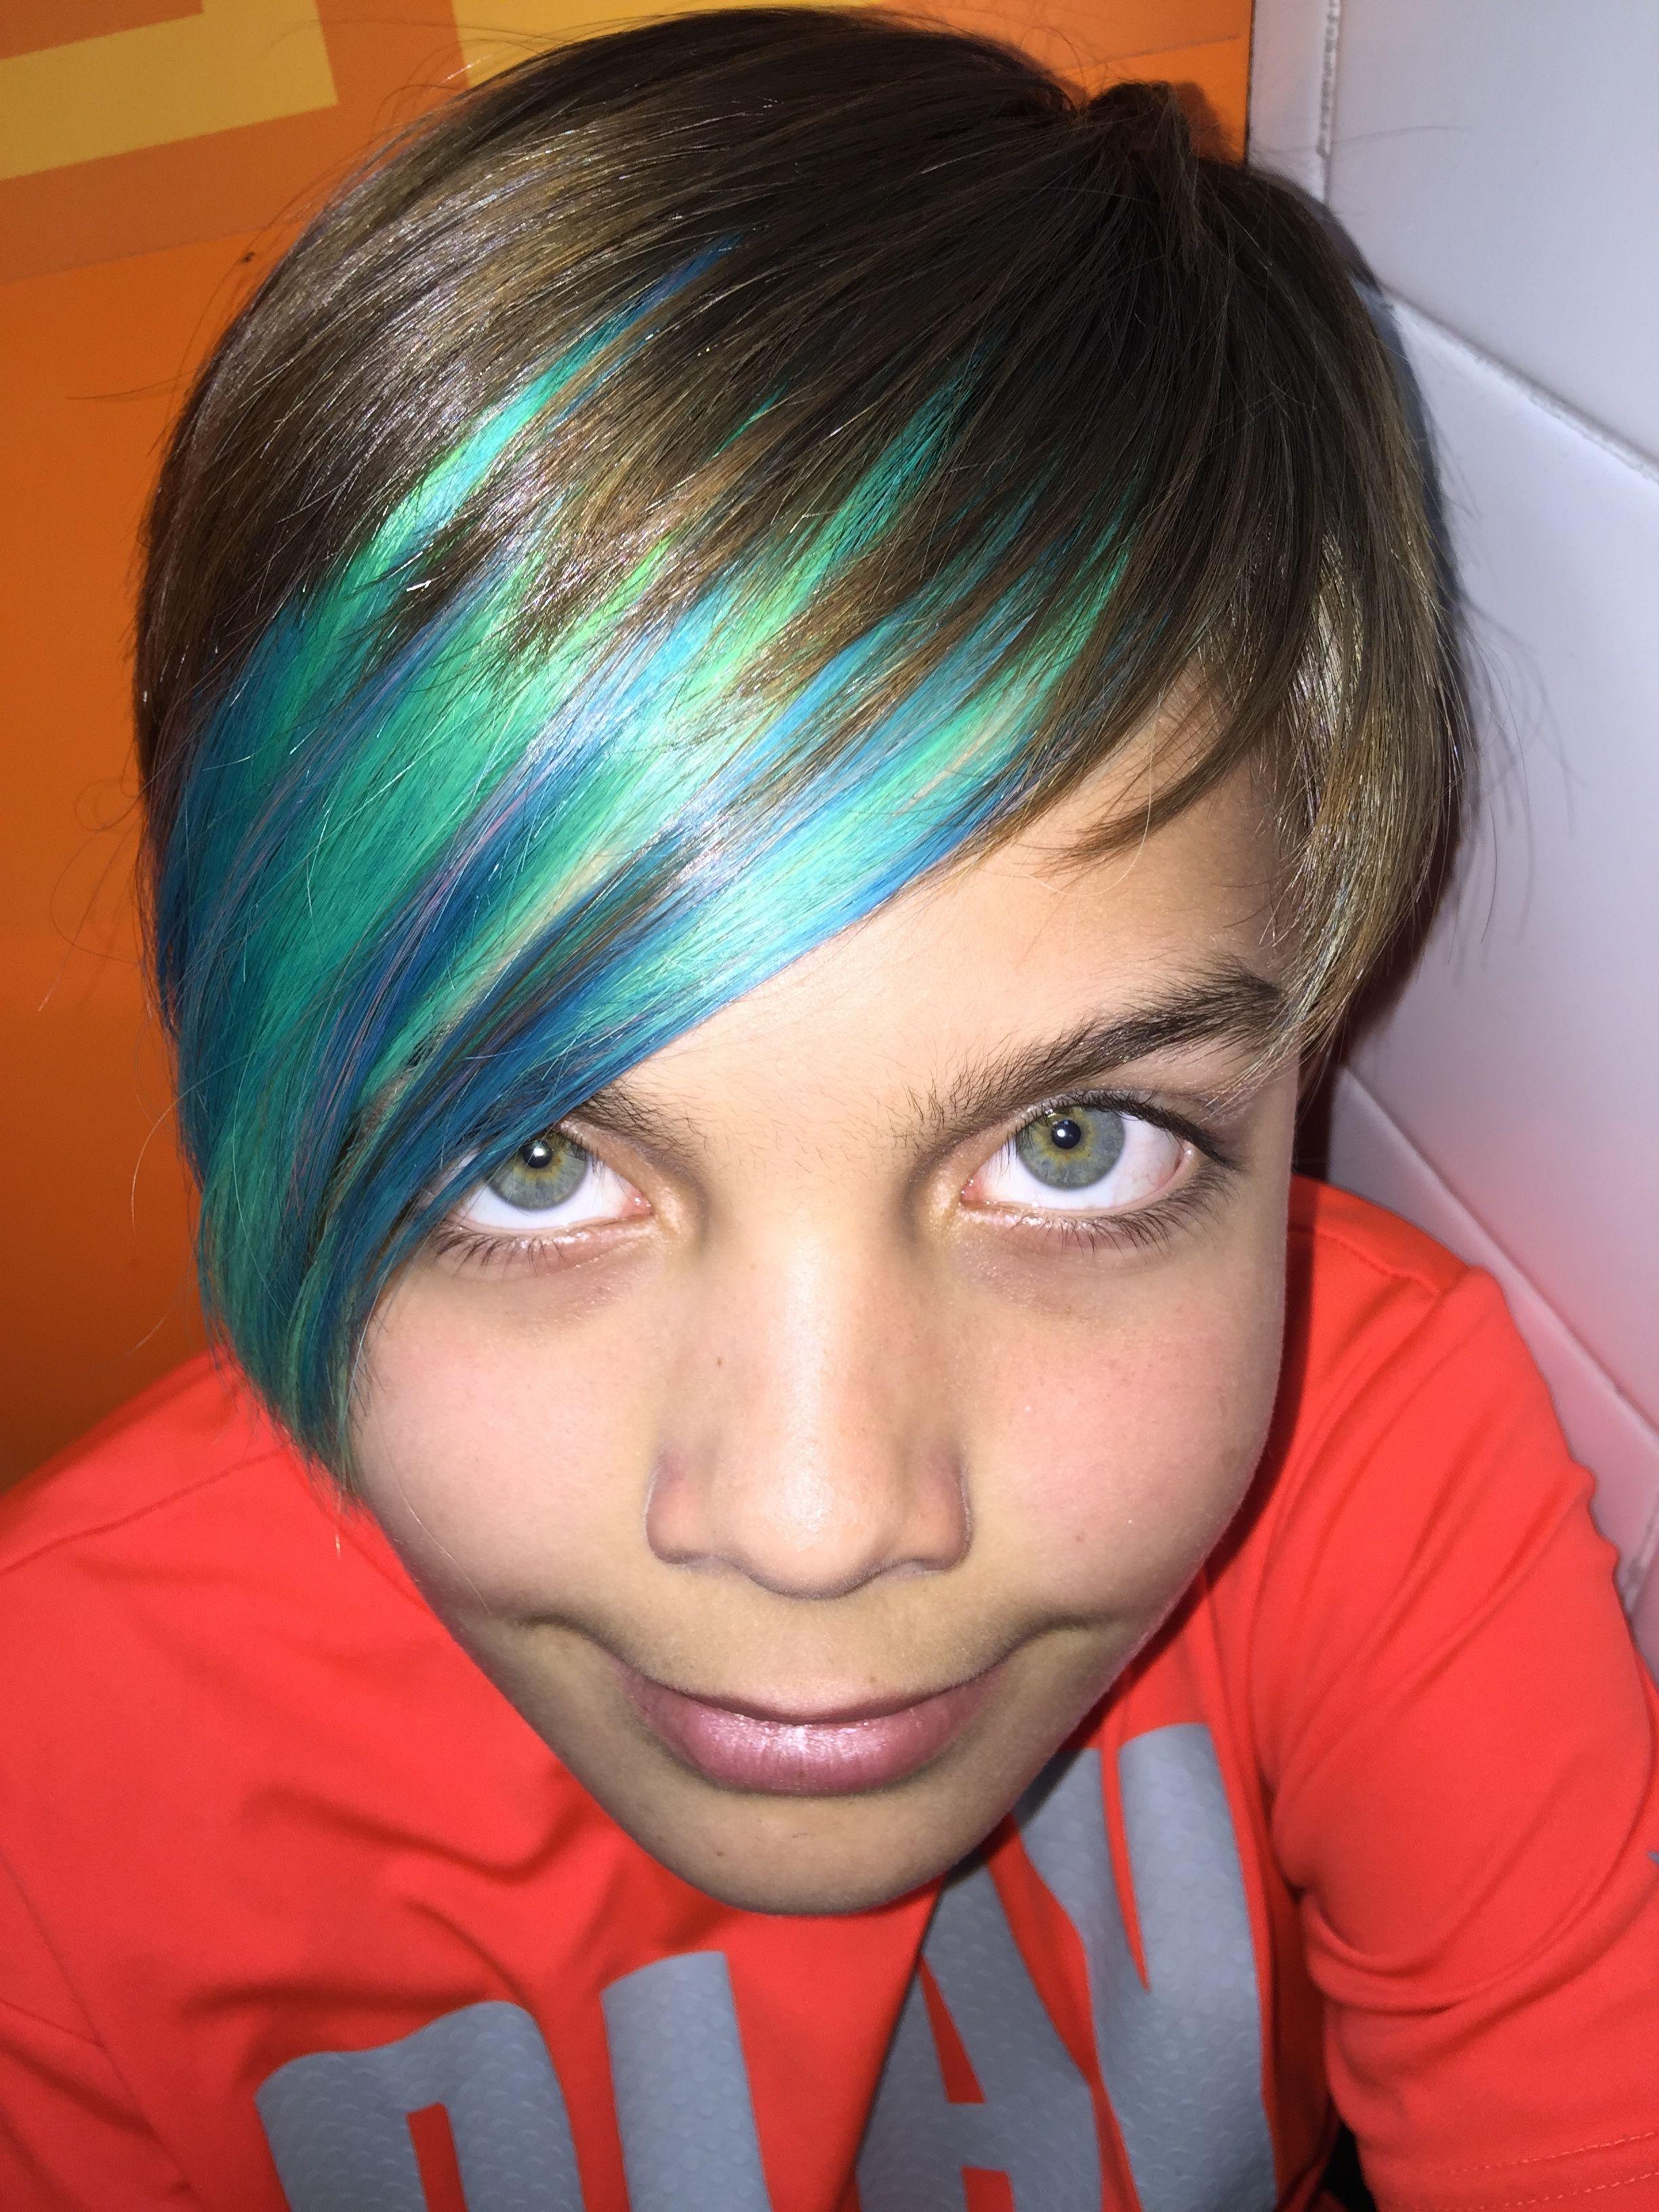 Neon Hair Boys Skater Haircut Blue Hair Privana Neon Colors Boys Blue Hair Boy Hairstyles Boys Haircuts